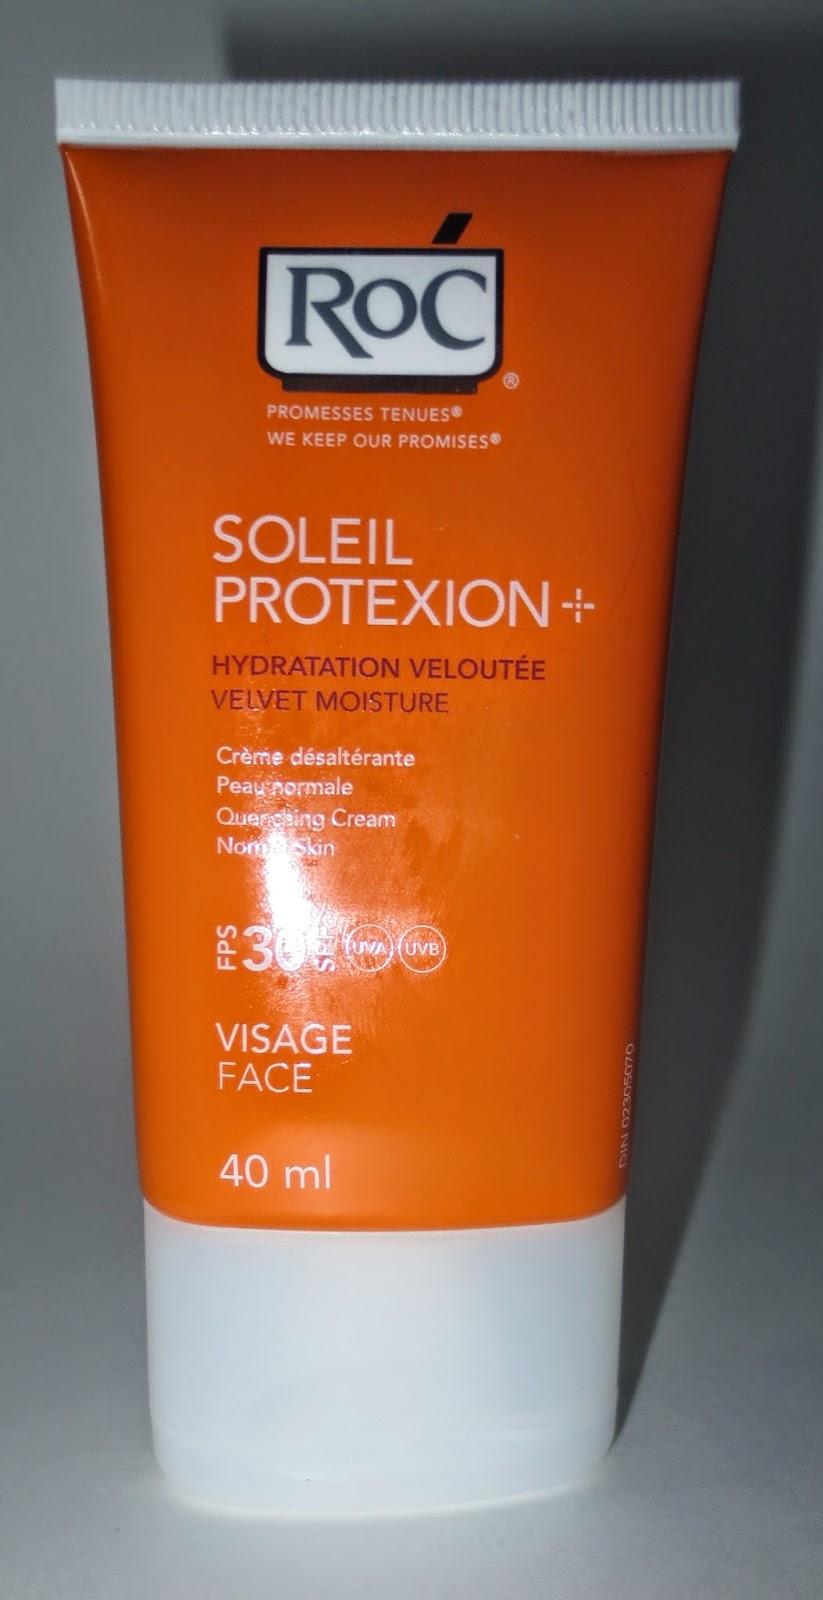 RoC SOLEIL PROTEXION+ Velvet Moisture SPF 30 For Face